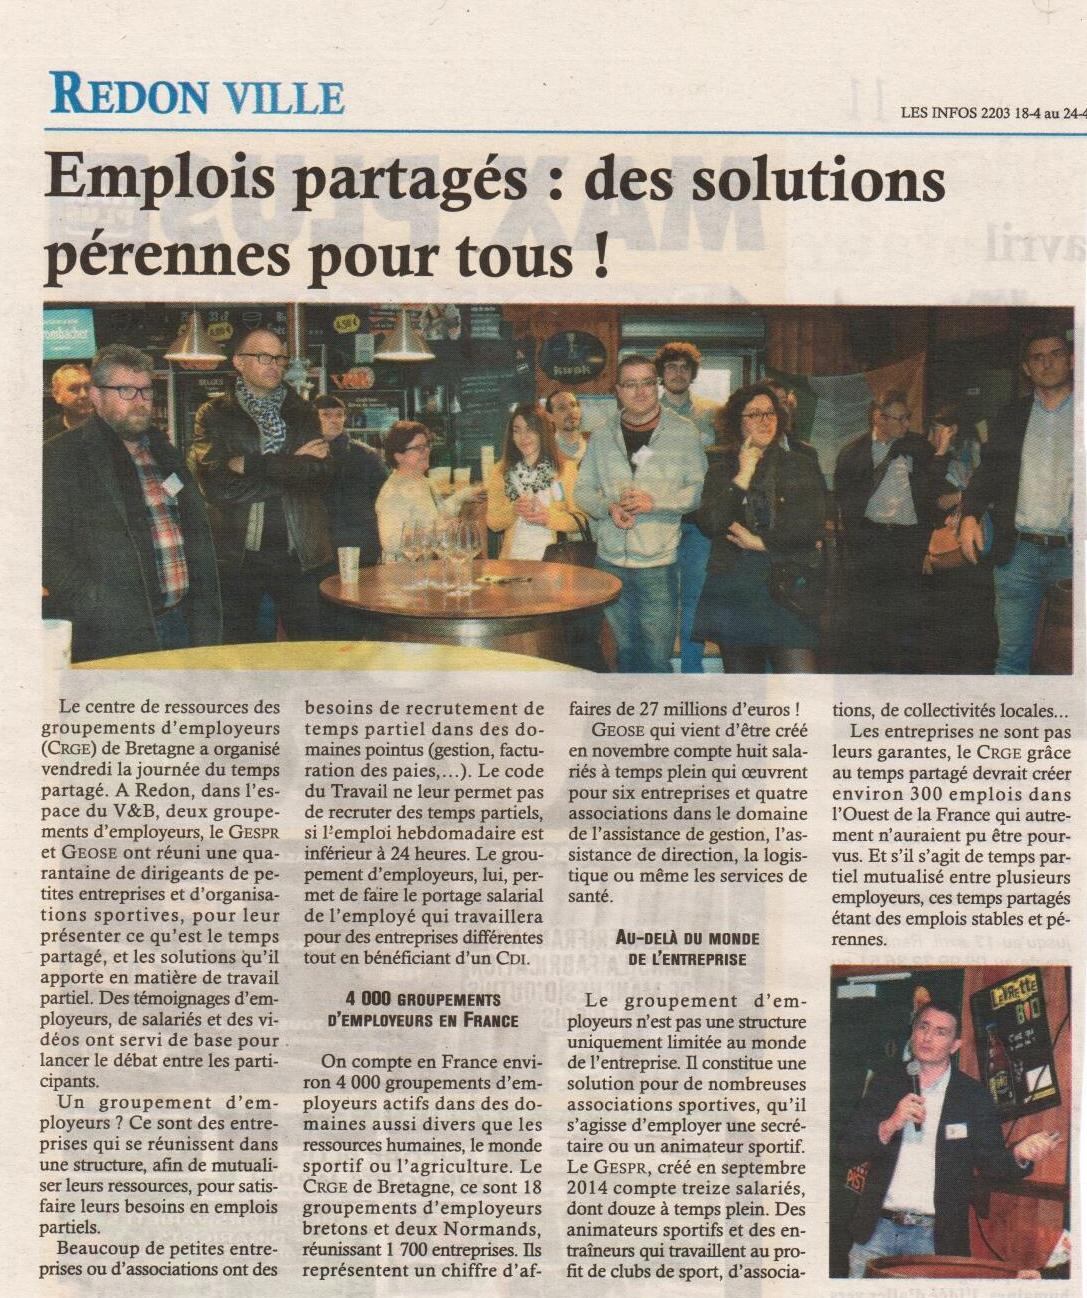 Art Les Infos-18-04-18